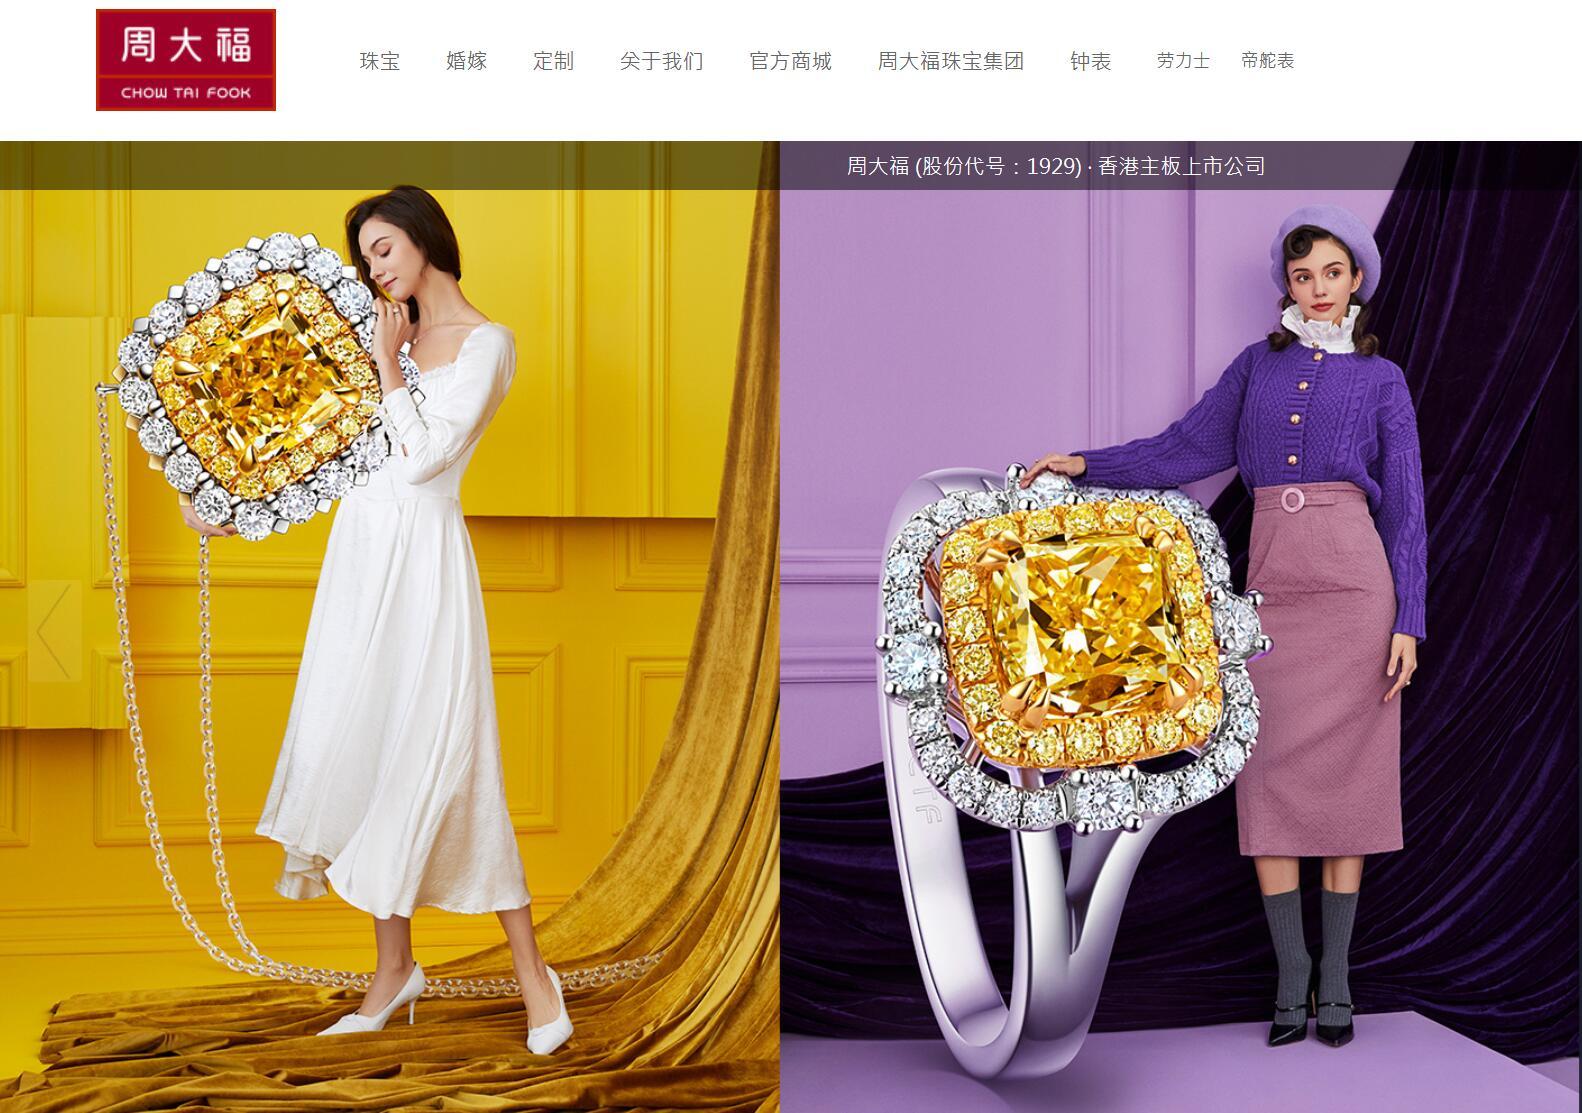 周大福、莎莎国际都表示将关闭一定数量的香港门店